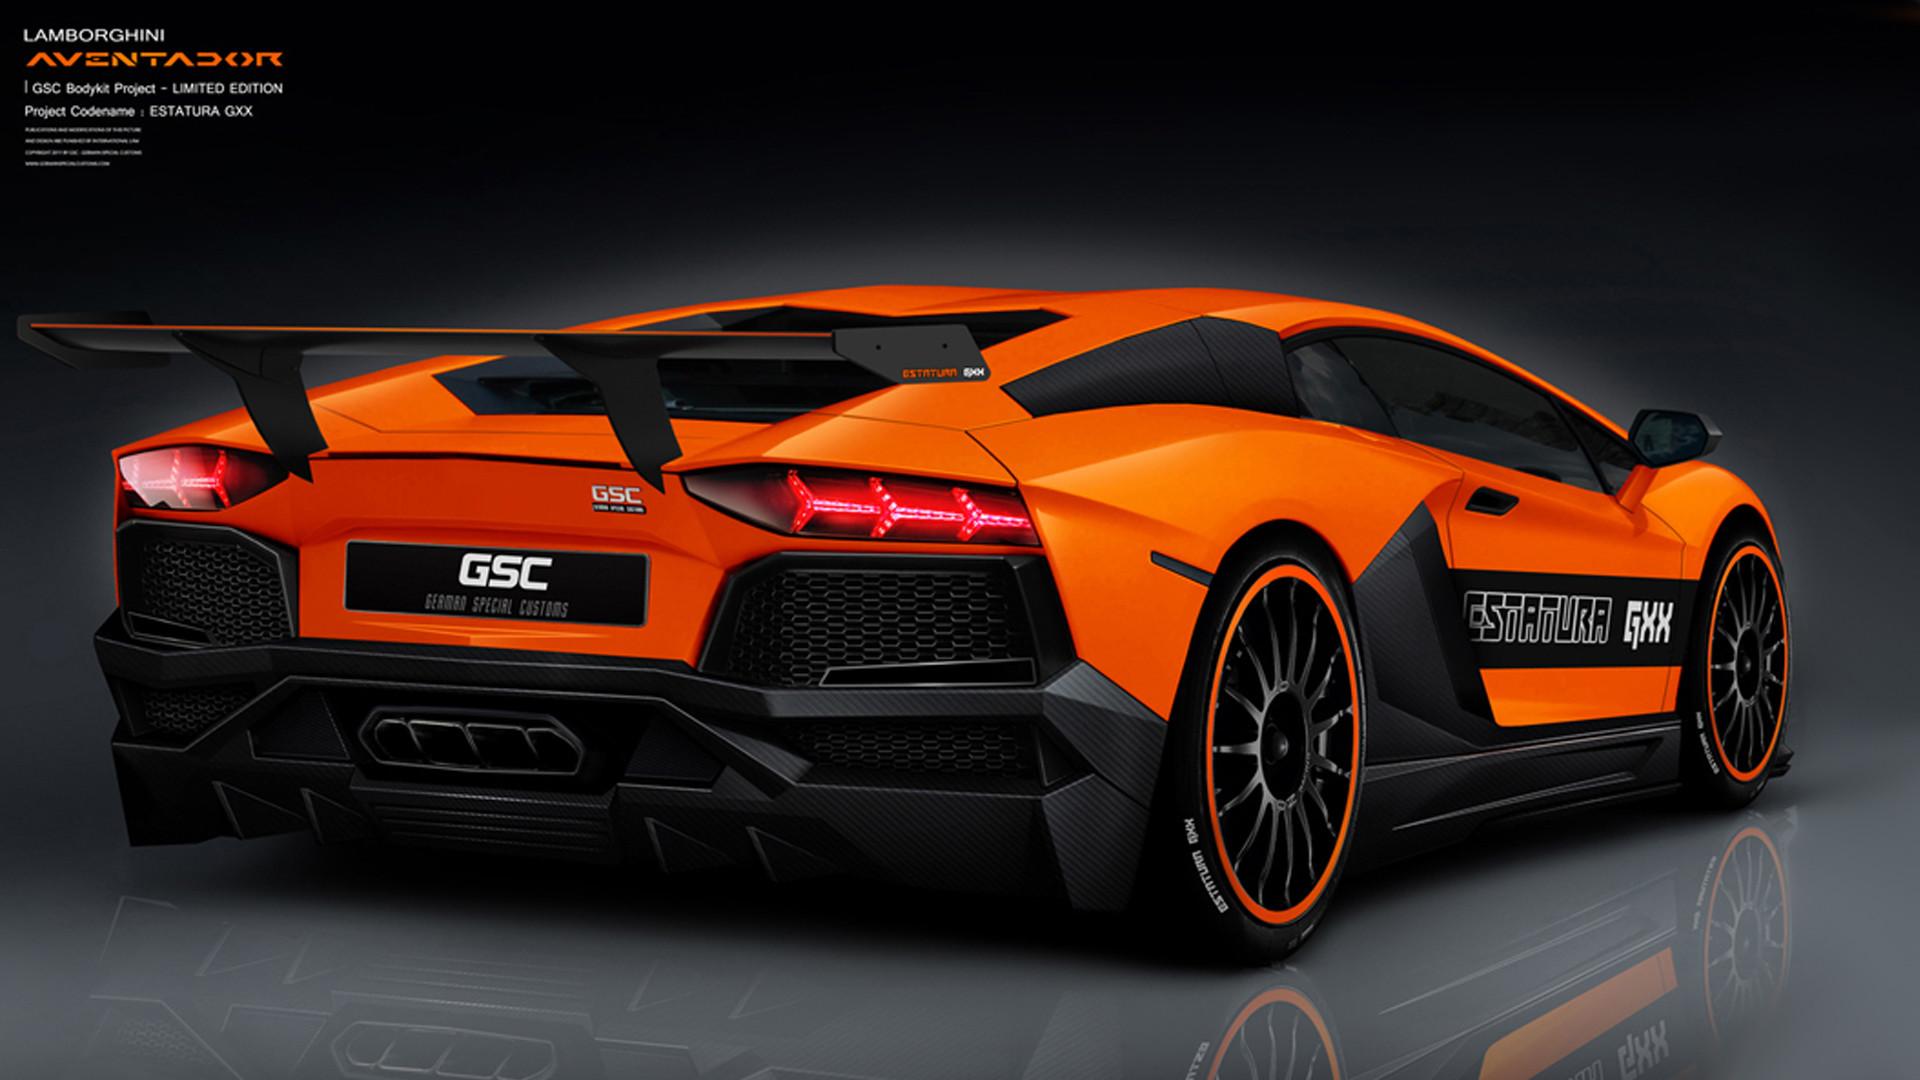 Res: 1920x1080, Cool Lamborghini Aventador Wallpapers. Download · Best Lamborghini  Aventador Estatura Orange Rea Wallpaper · Download